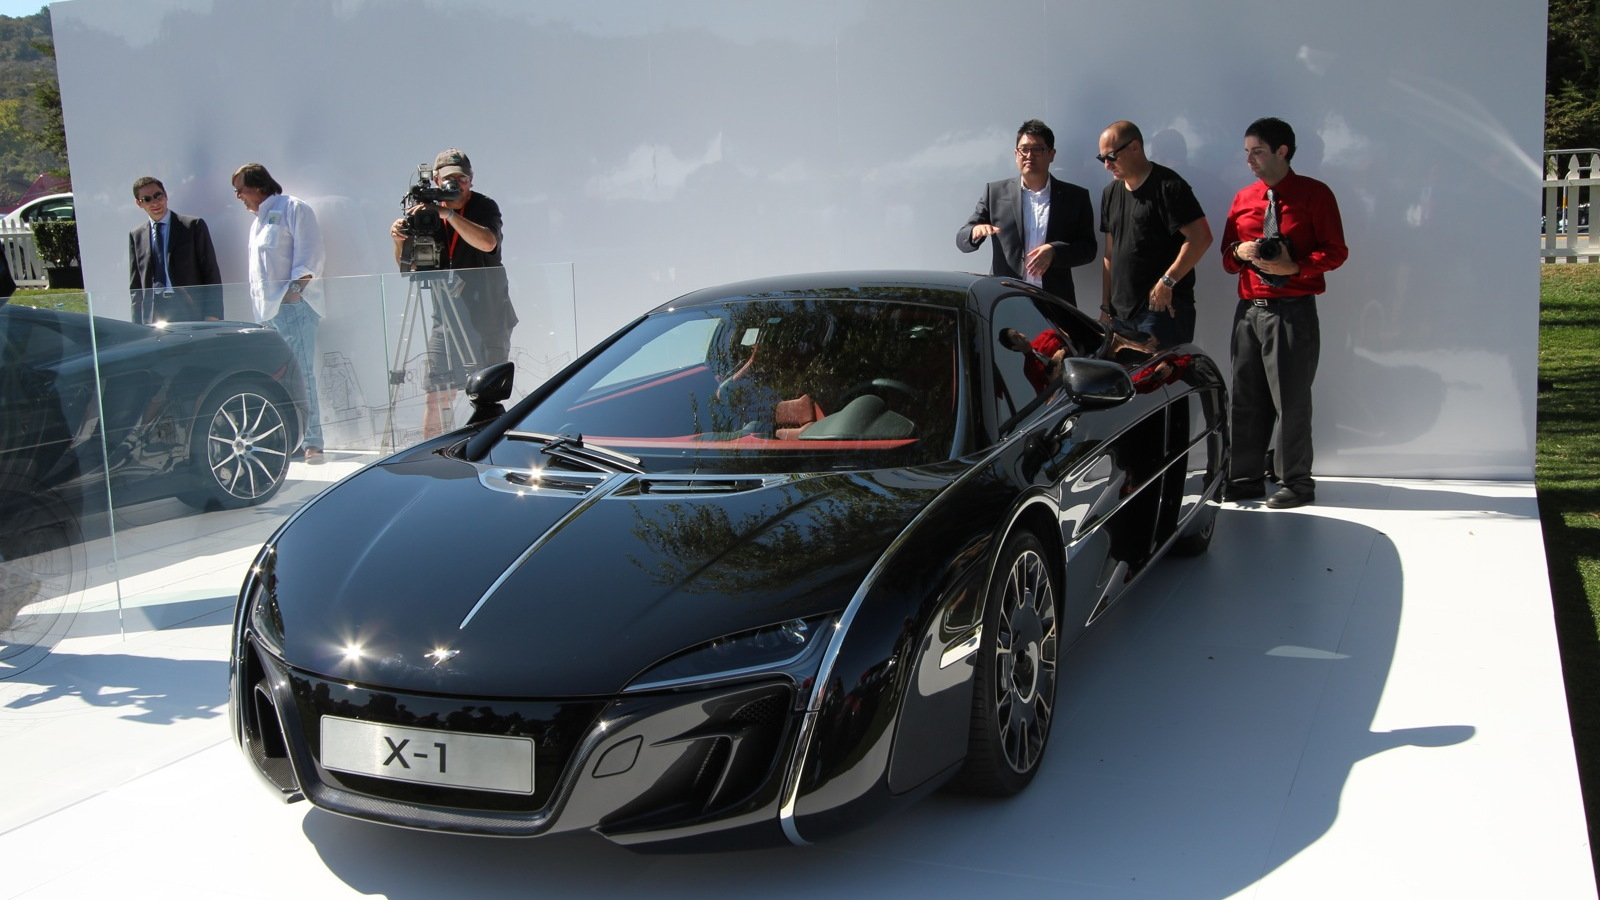 McLaren X-1